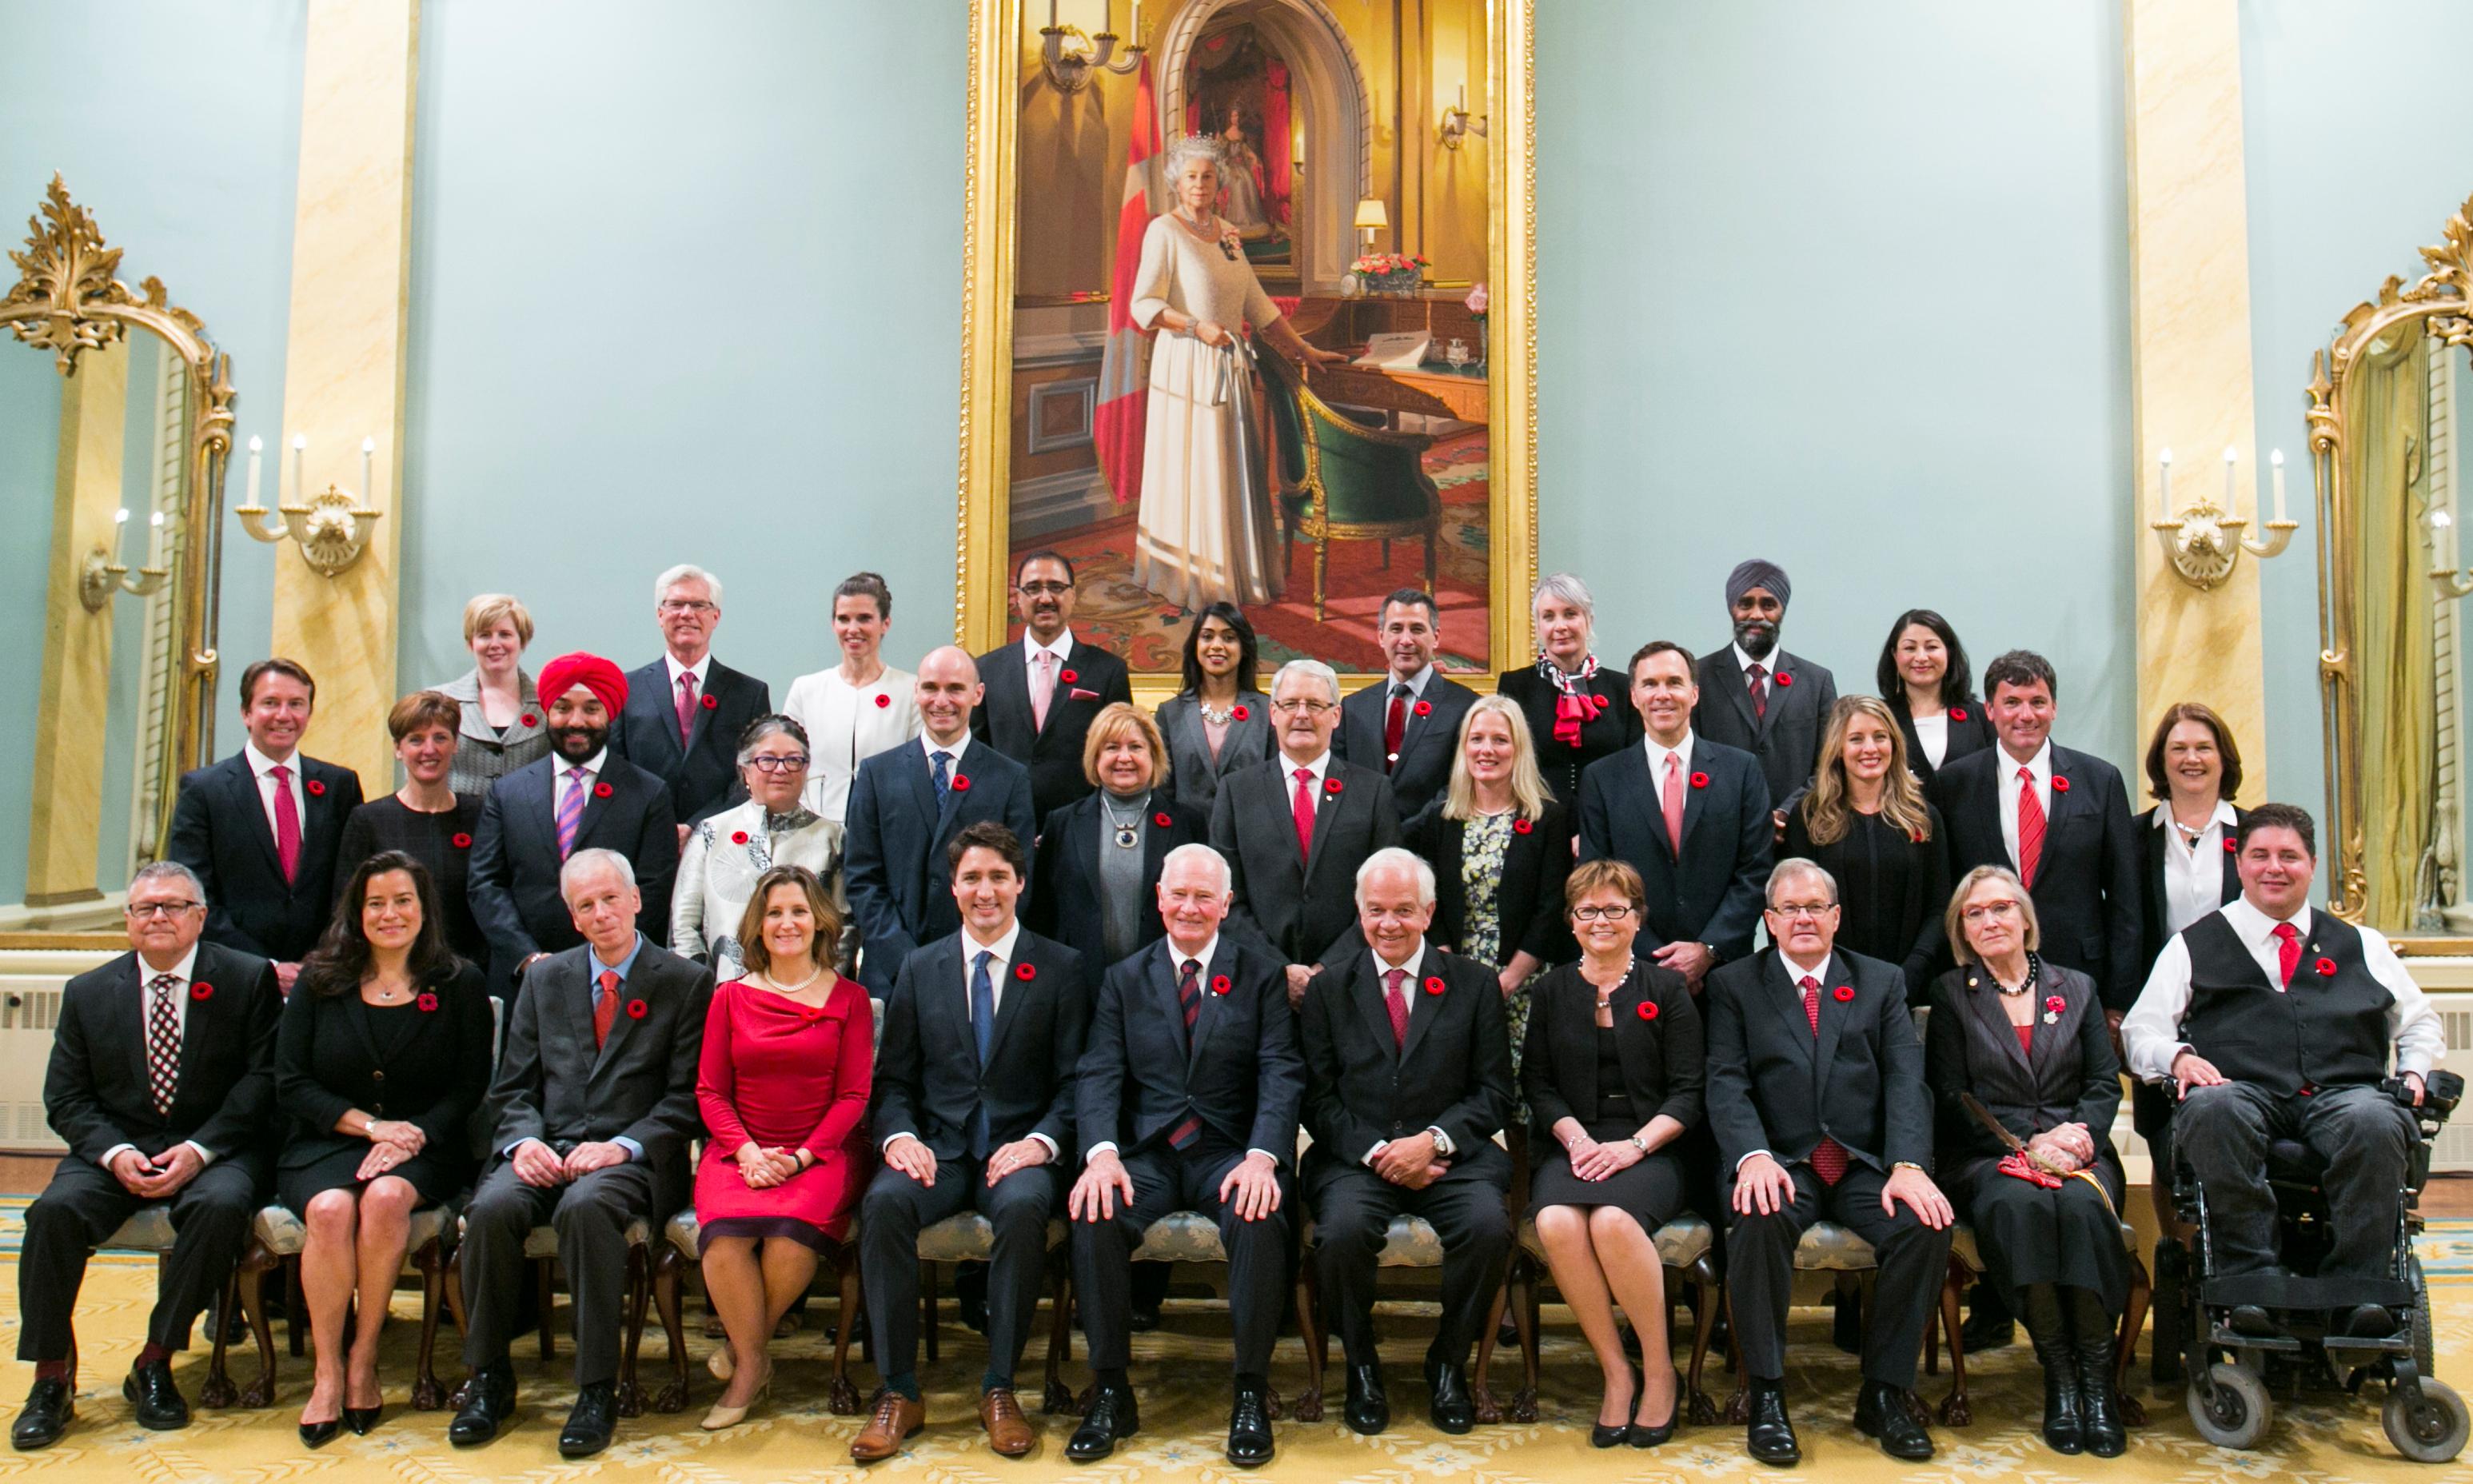 Canadá tem primeiro governo igualitário com mesmo número de homens e mulheres em seu gabinete 1